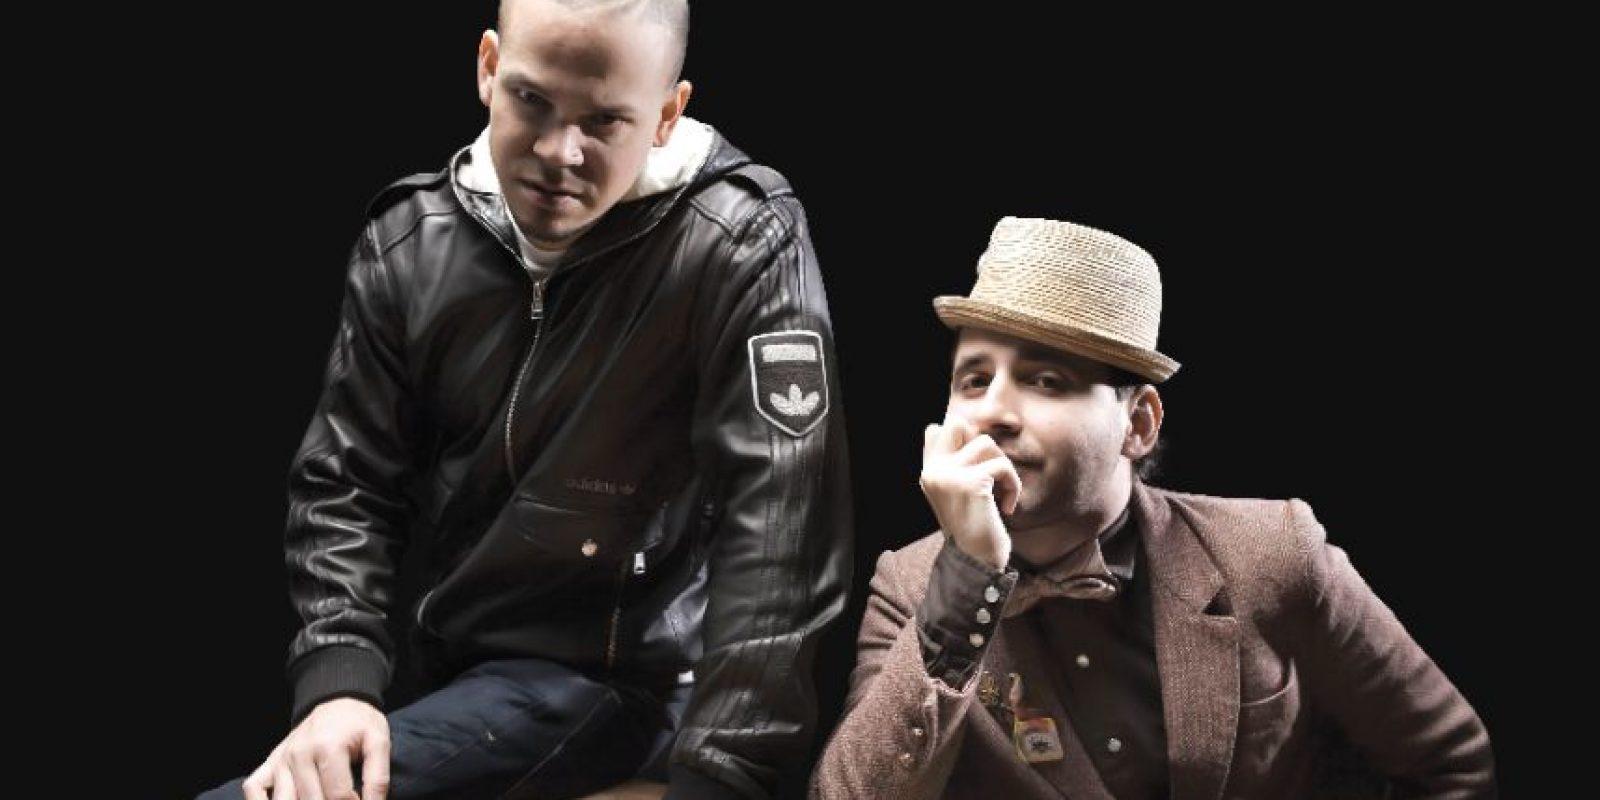 Las voces del dueto puertorriqueño animarán los segmentos de la cadena televisiva durante las justas. Foto:Publinews